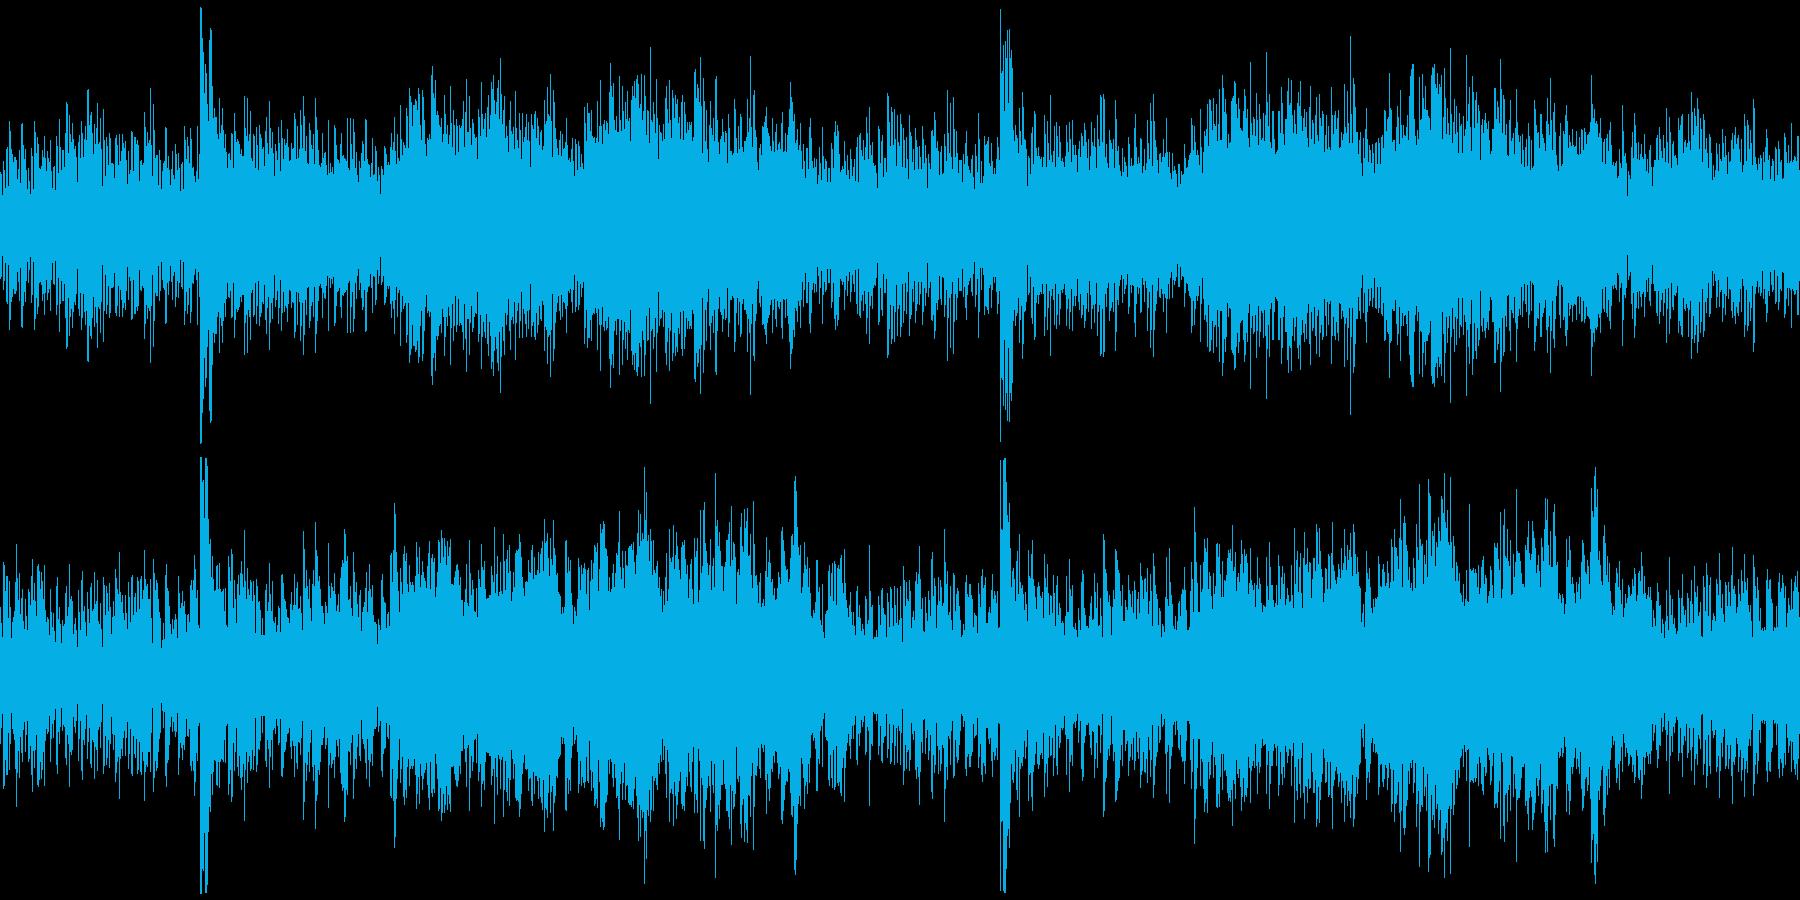 ピアノのアンビエントな不思議な雰囲気 の再生済みの波形